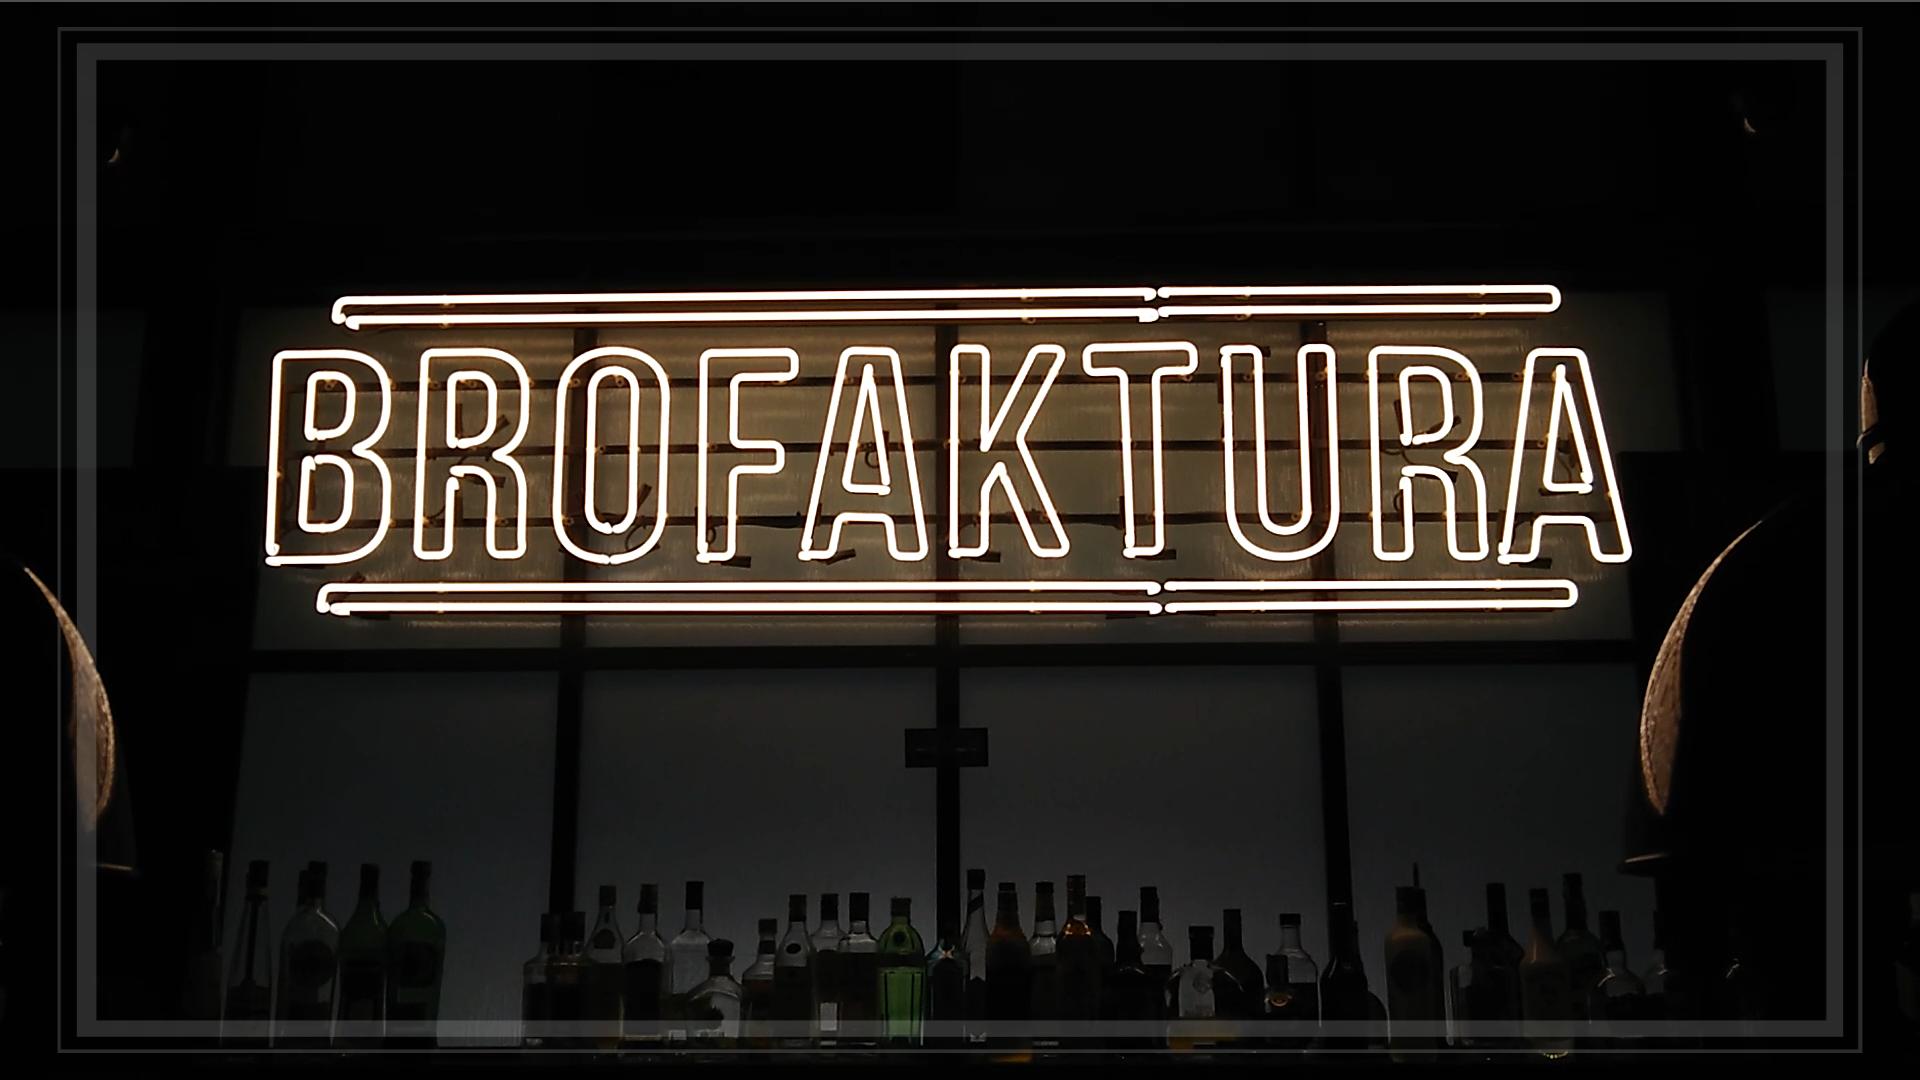 Brofaktura - Siedlce 2018